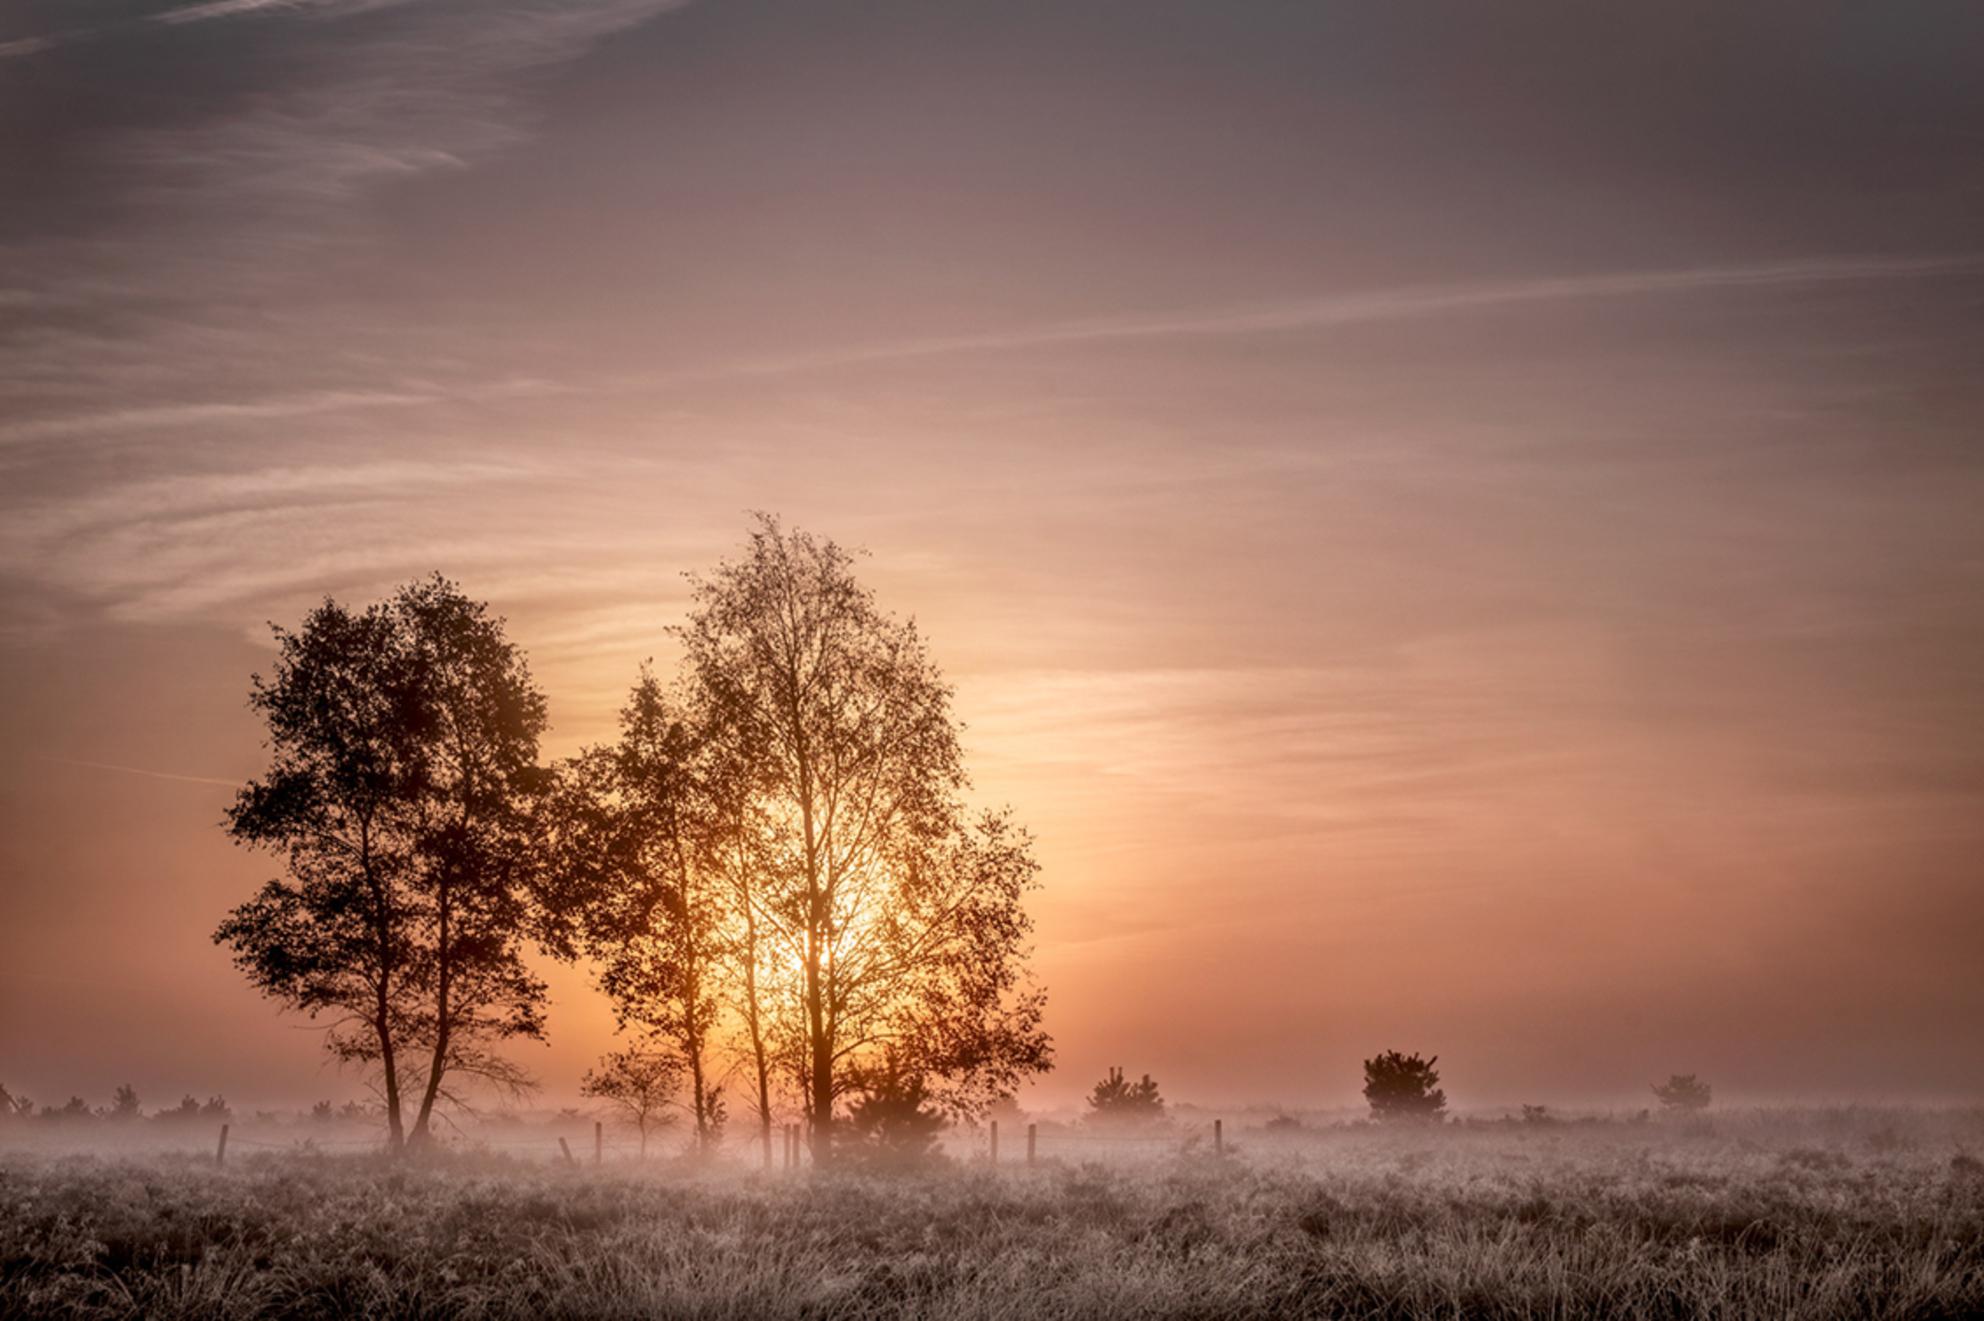 Here comes the sun - - - foto door marjoleinvanhelmond op 10-10-2018 - deze foto bevat: lucht, wolken, natuur, licht, herfst, landschap, mist, heide, brabant, tegenlicht, zonsopkomst, bomen, Strabrechtse heide